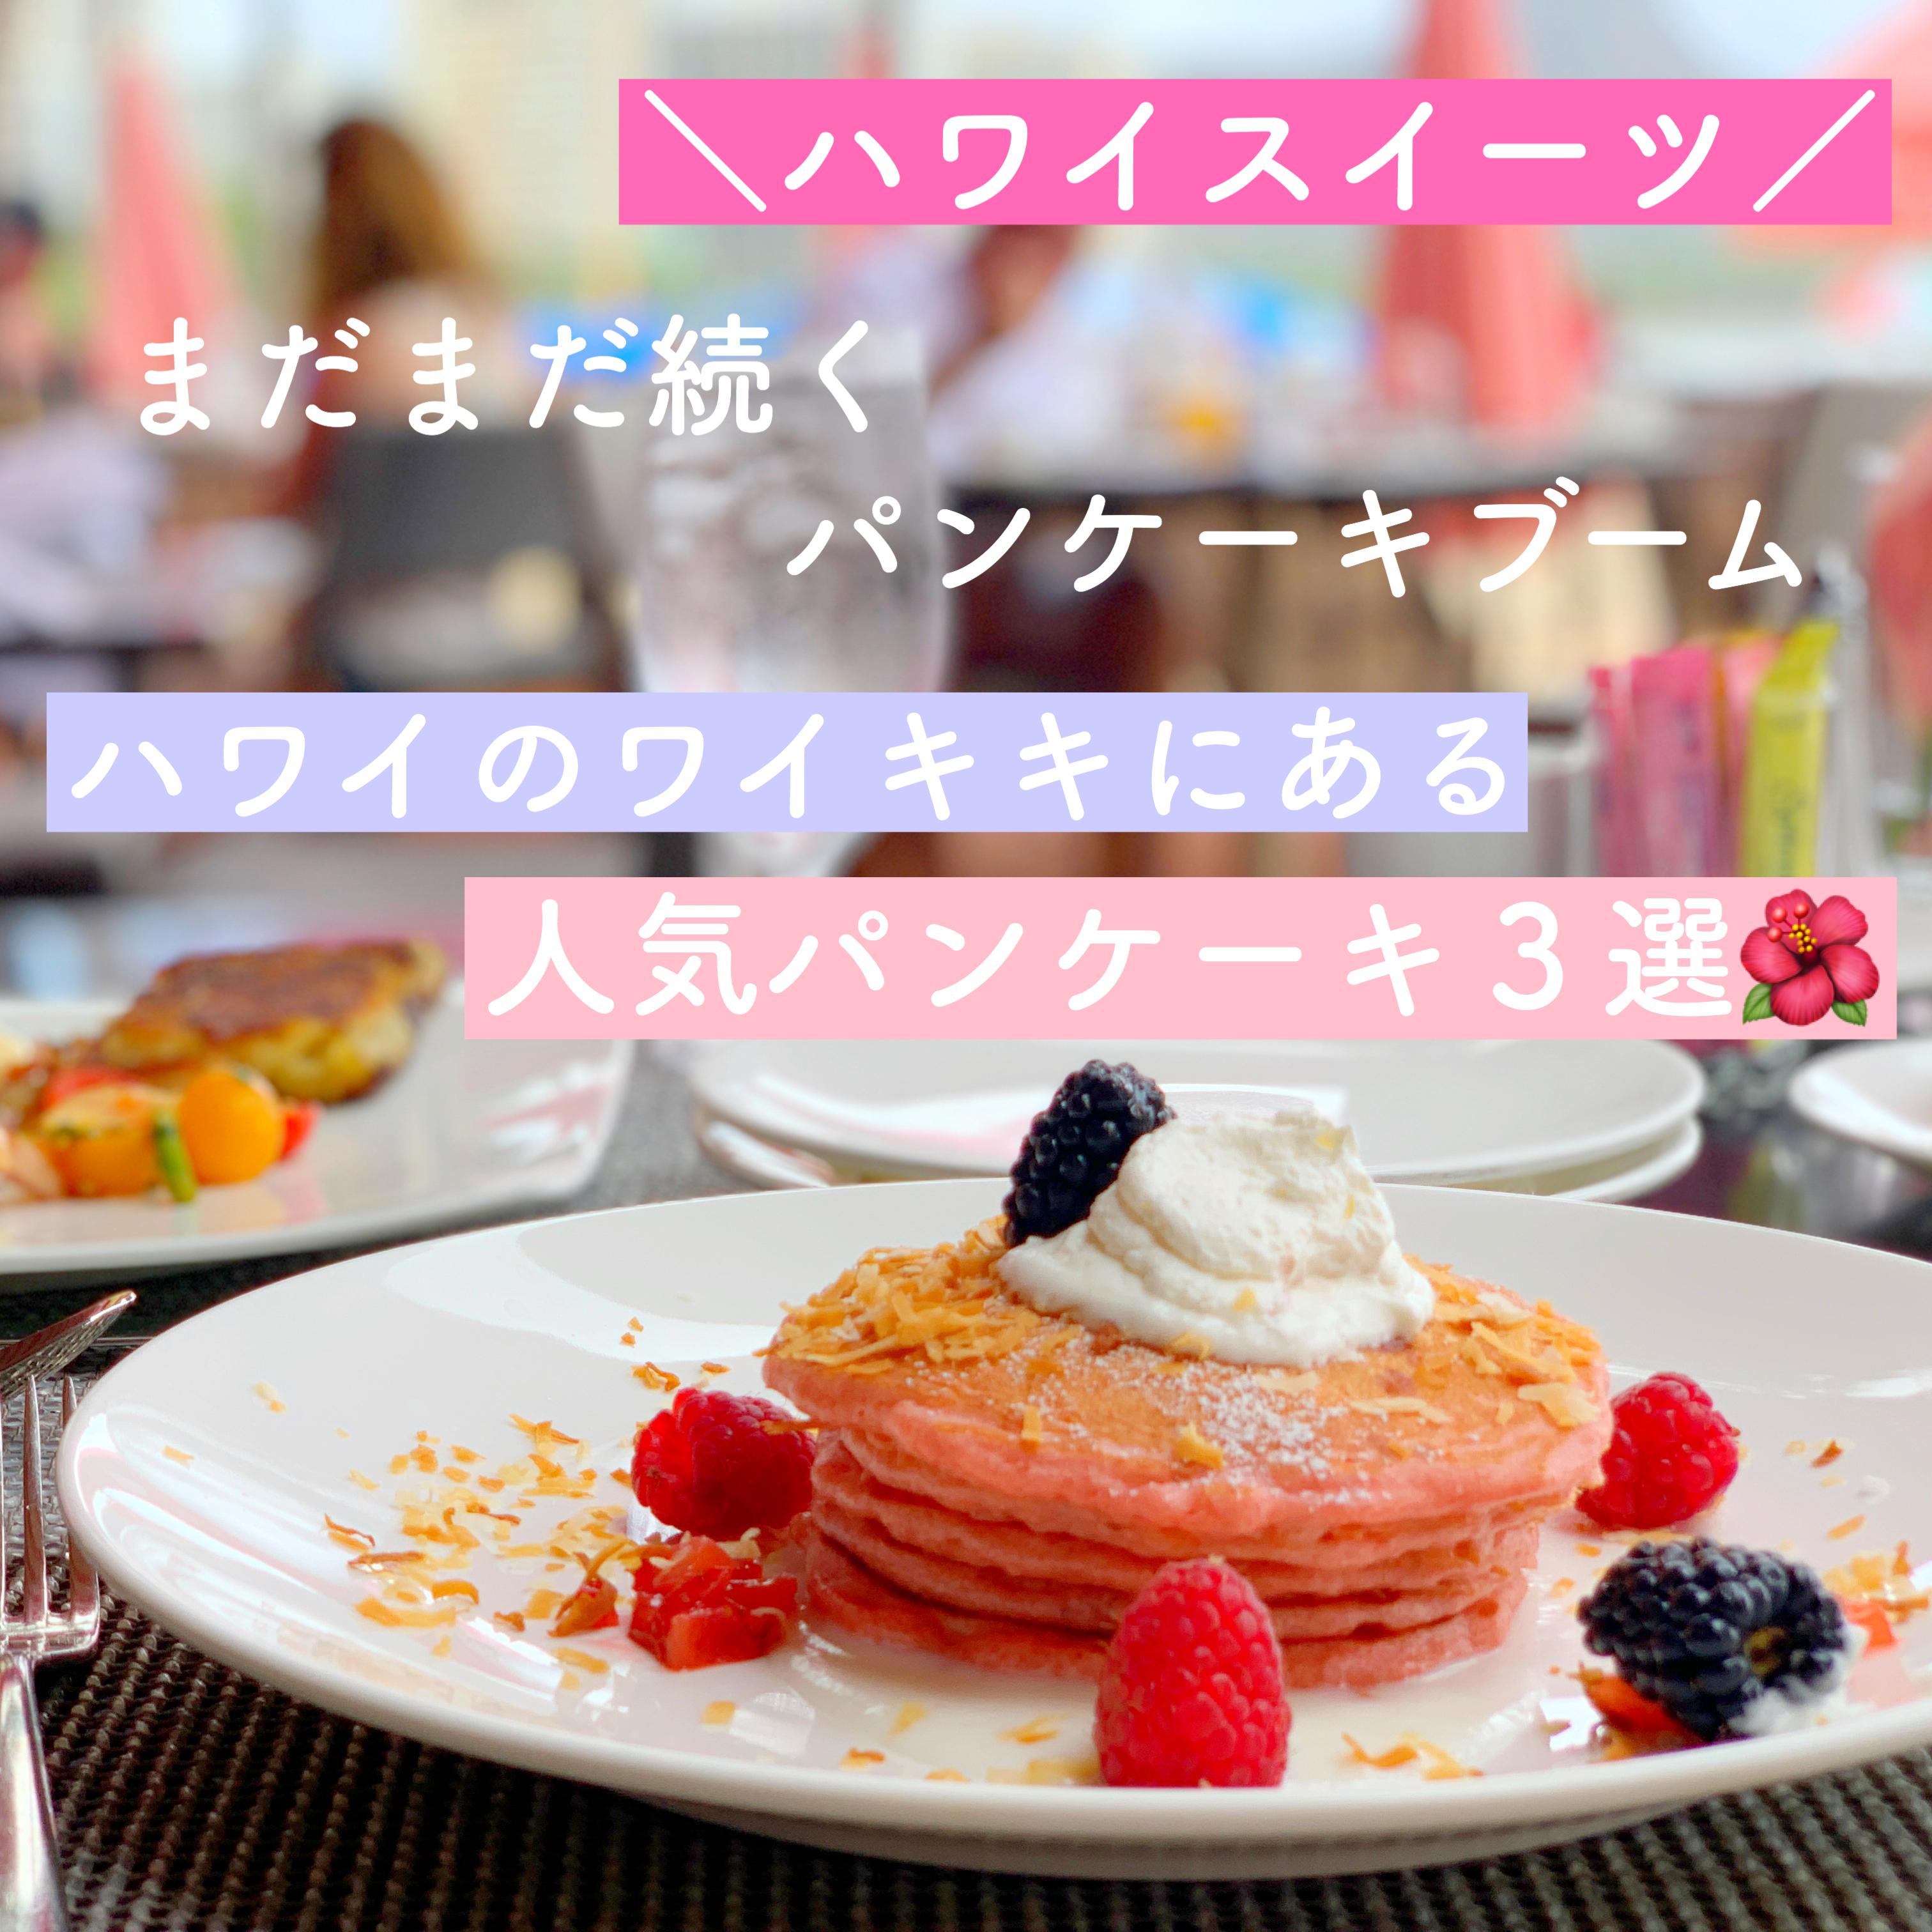 【ハワイスイーツ】ワイキキにある美味しい人気パンケーキ3選